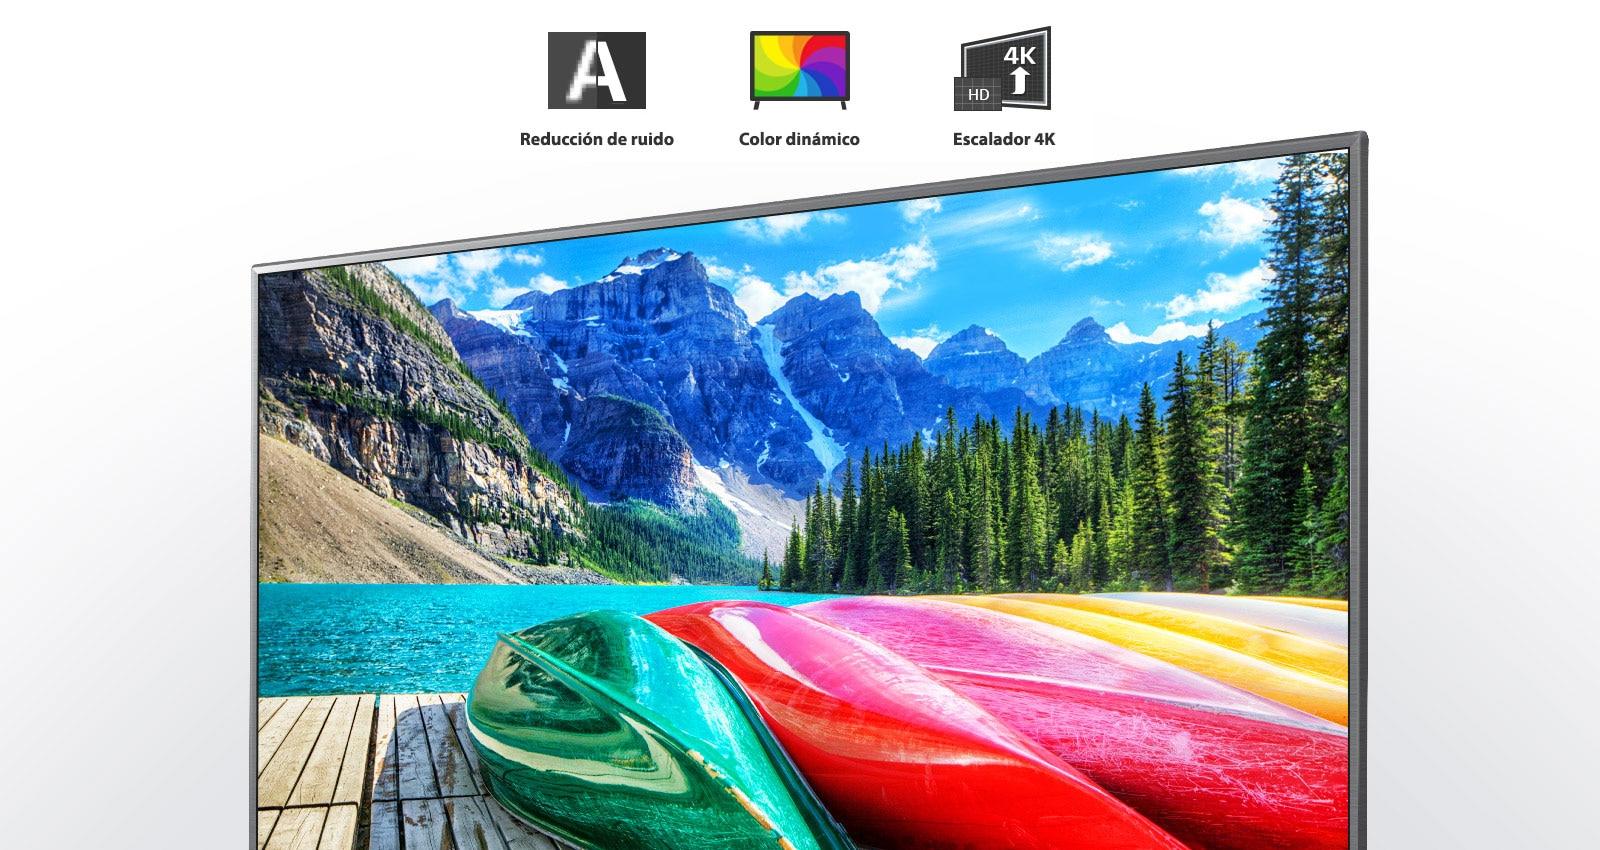 Íconos de reducción de ruido, color dinámico y aumento de escala y una pantalla de TV que muestra una vista panorámica de montañas, bosques y un lago.